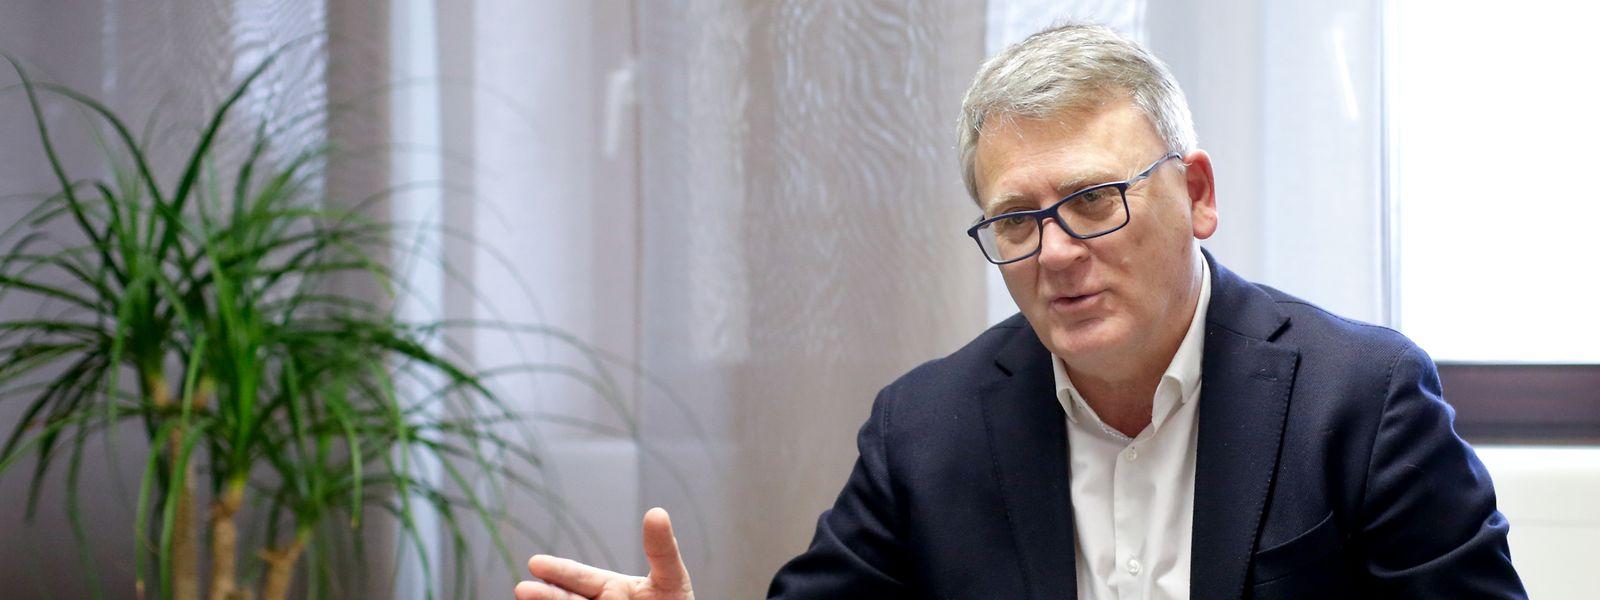 Beschäftigungsminister Nicolas Schmit weist die Vorwürfe des OGBL als unwahr zurück.